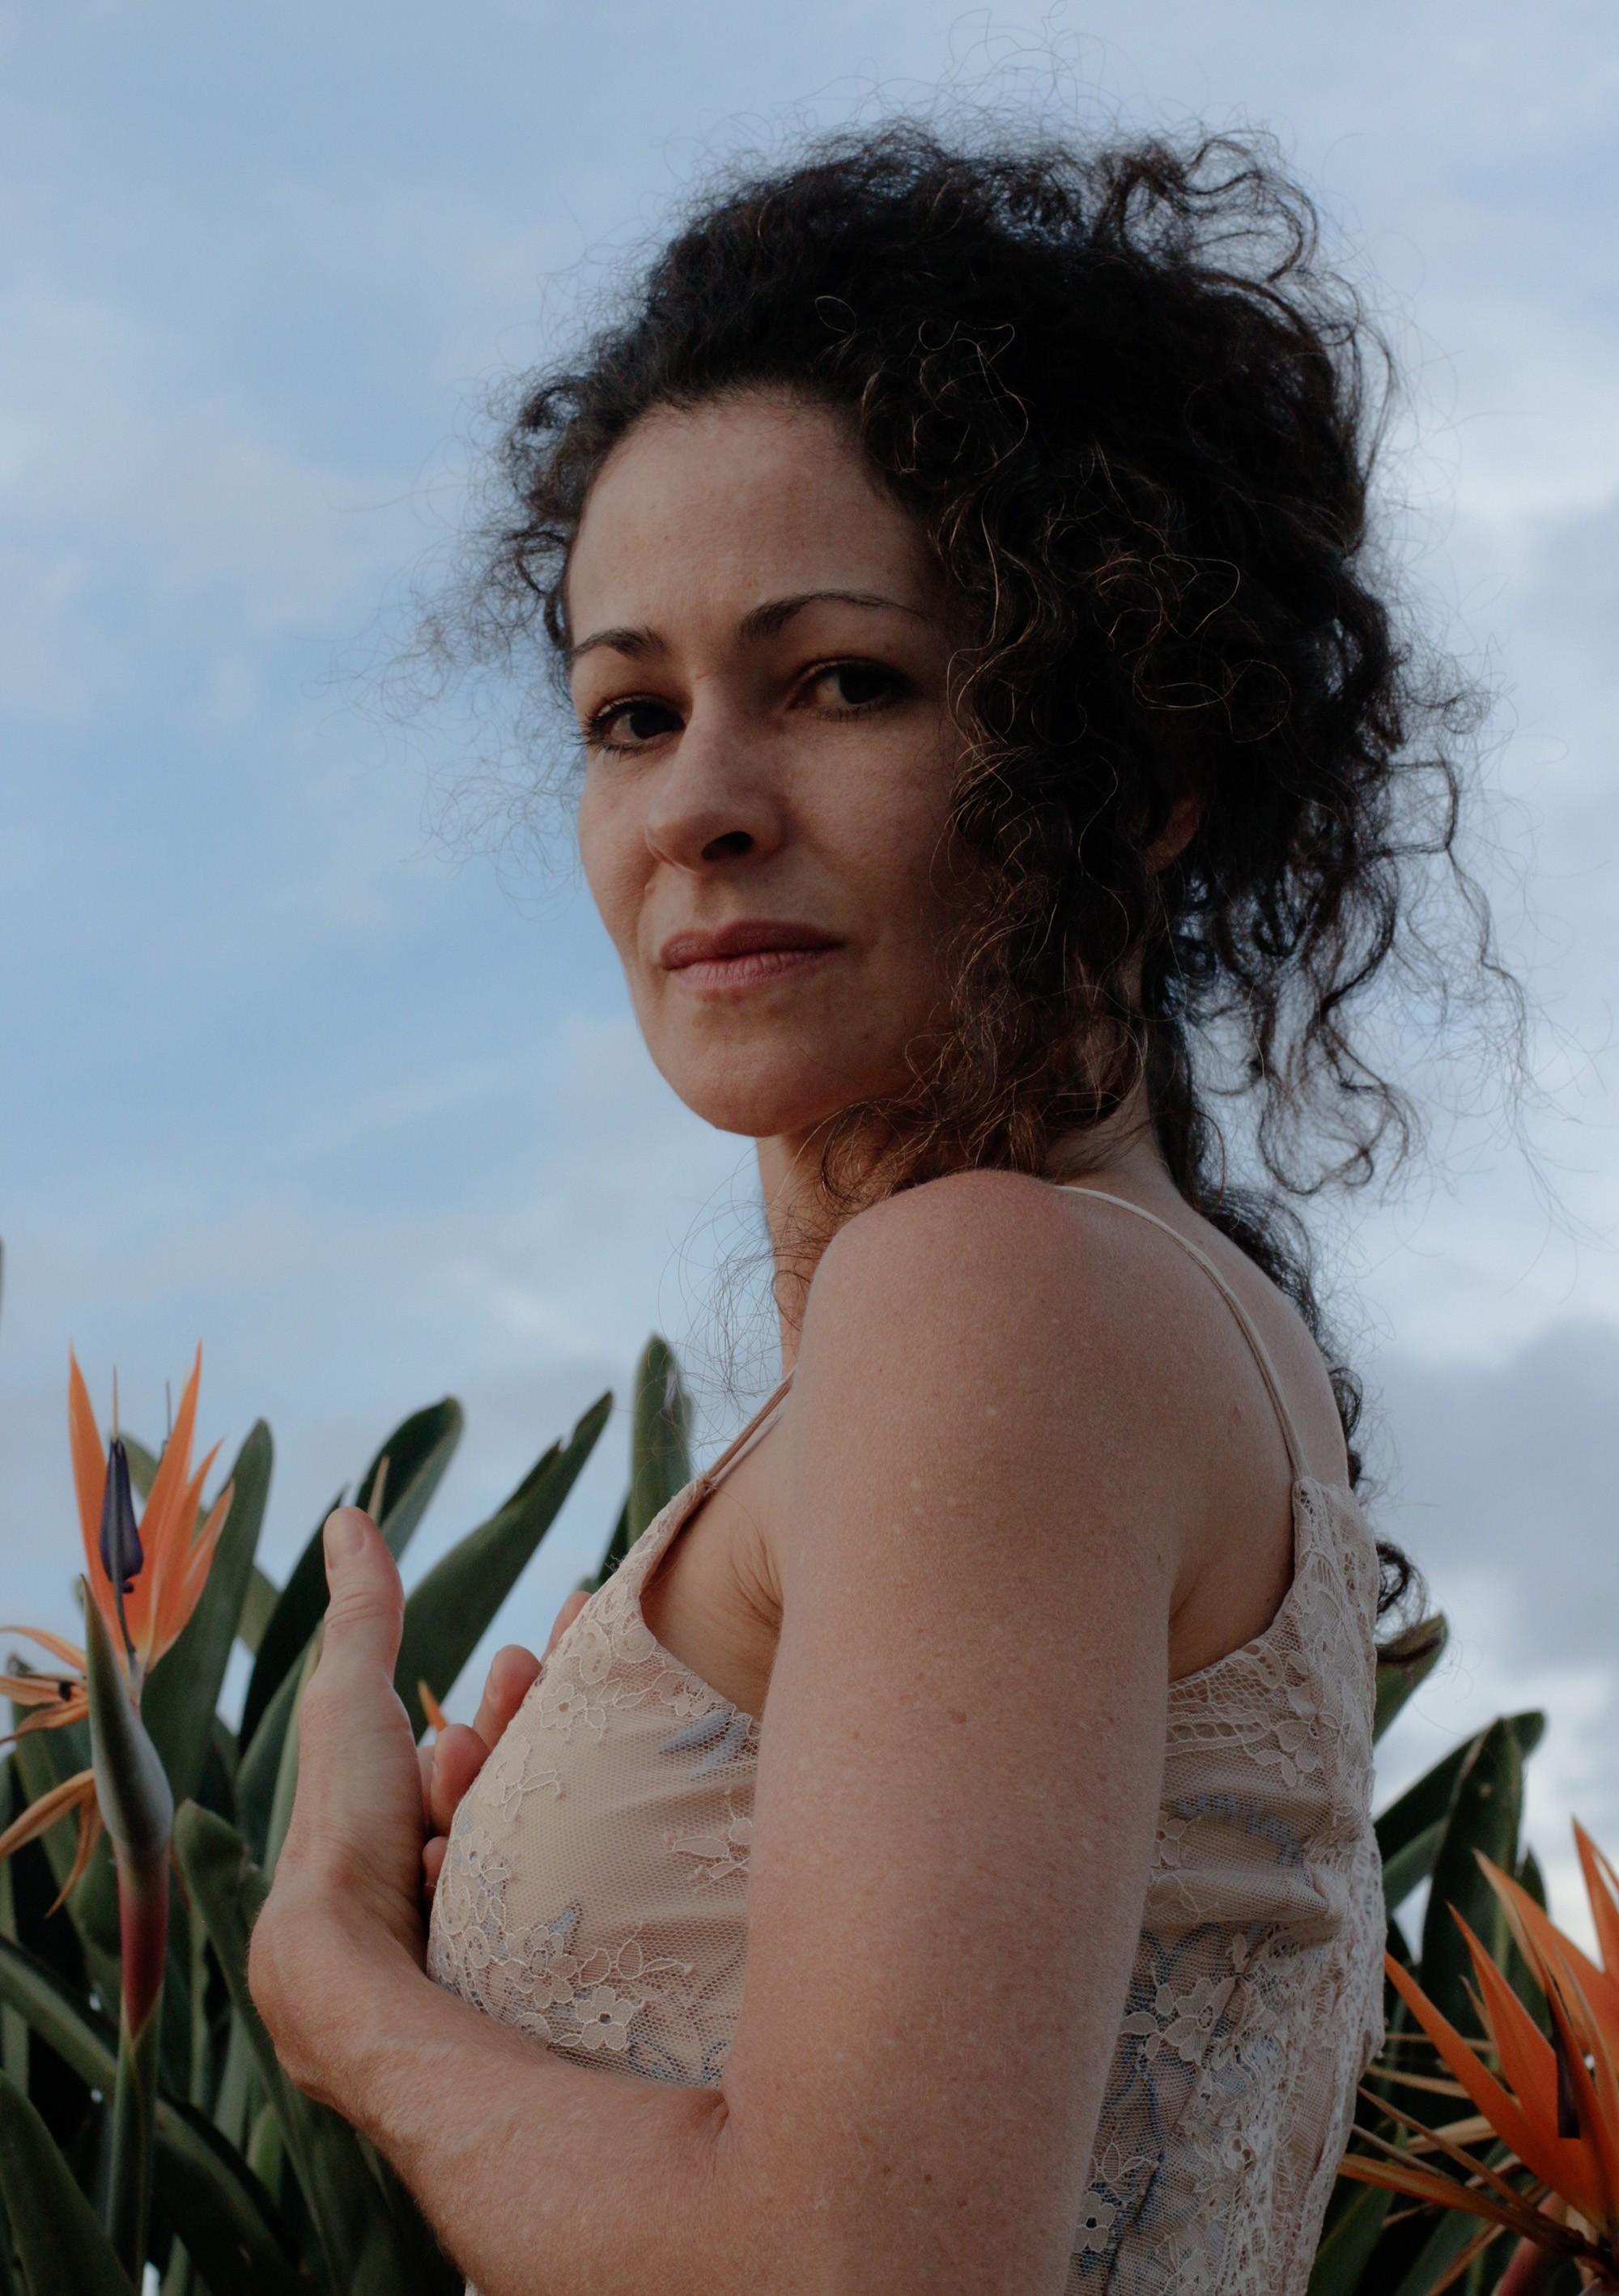 Maísa Moura borda e costura canções no álbum 'O azul daqui' com a paz da voz da cantora mineira